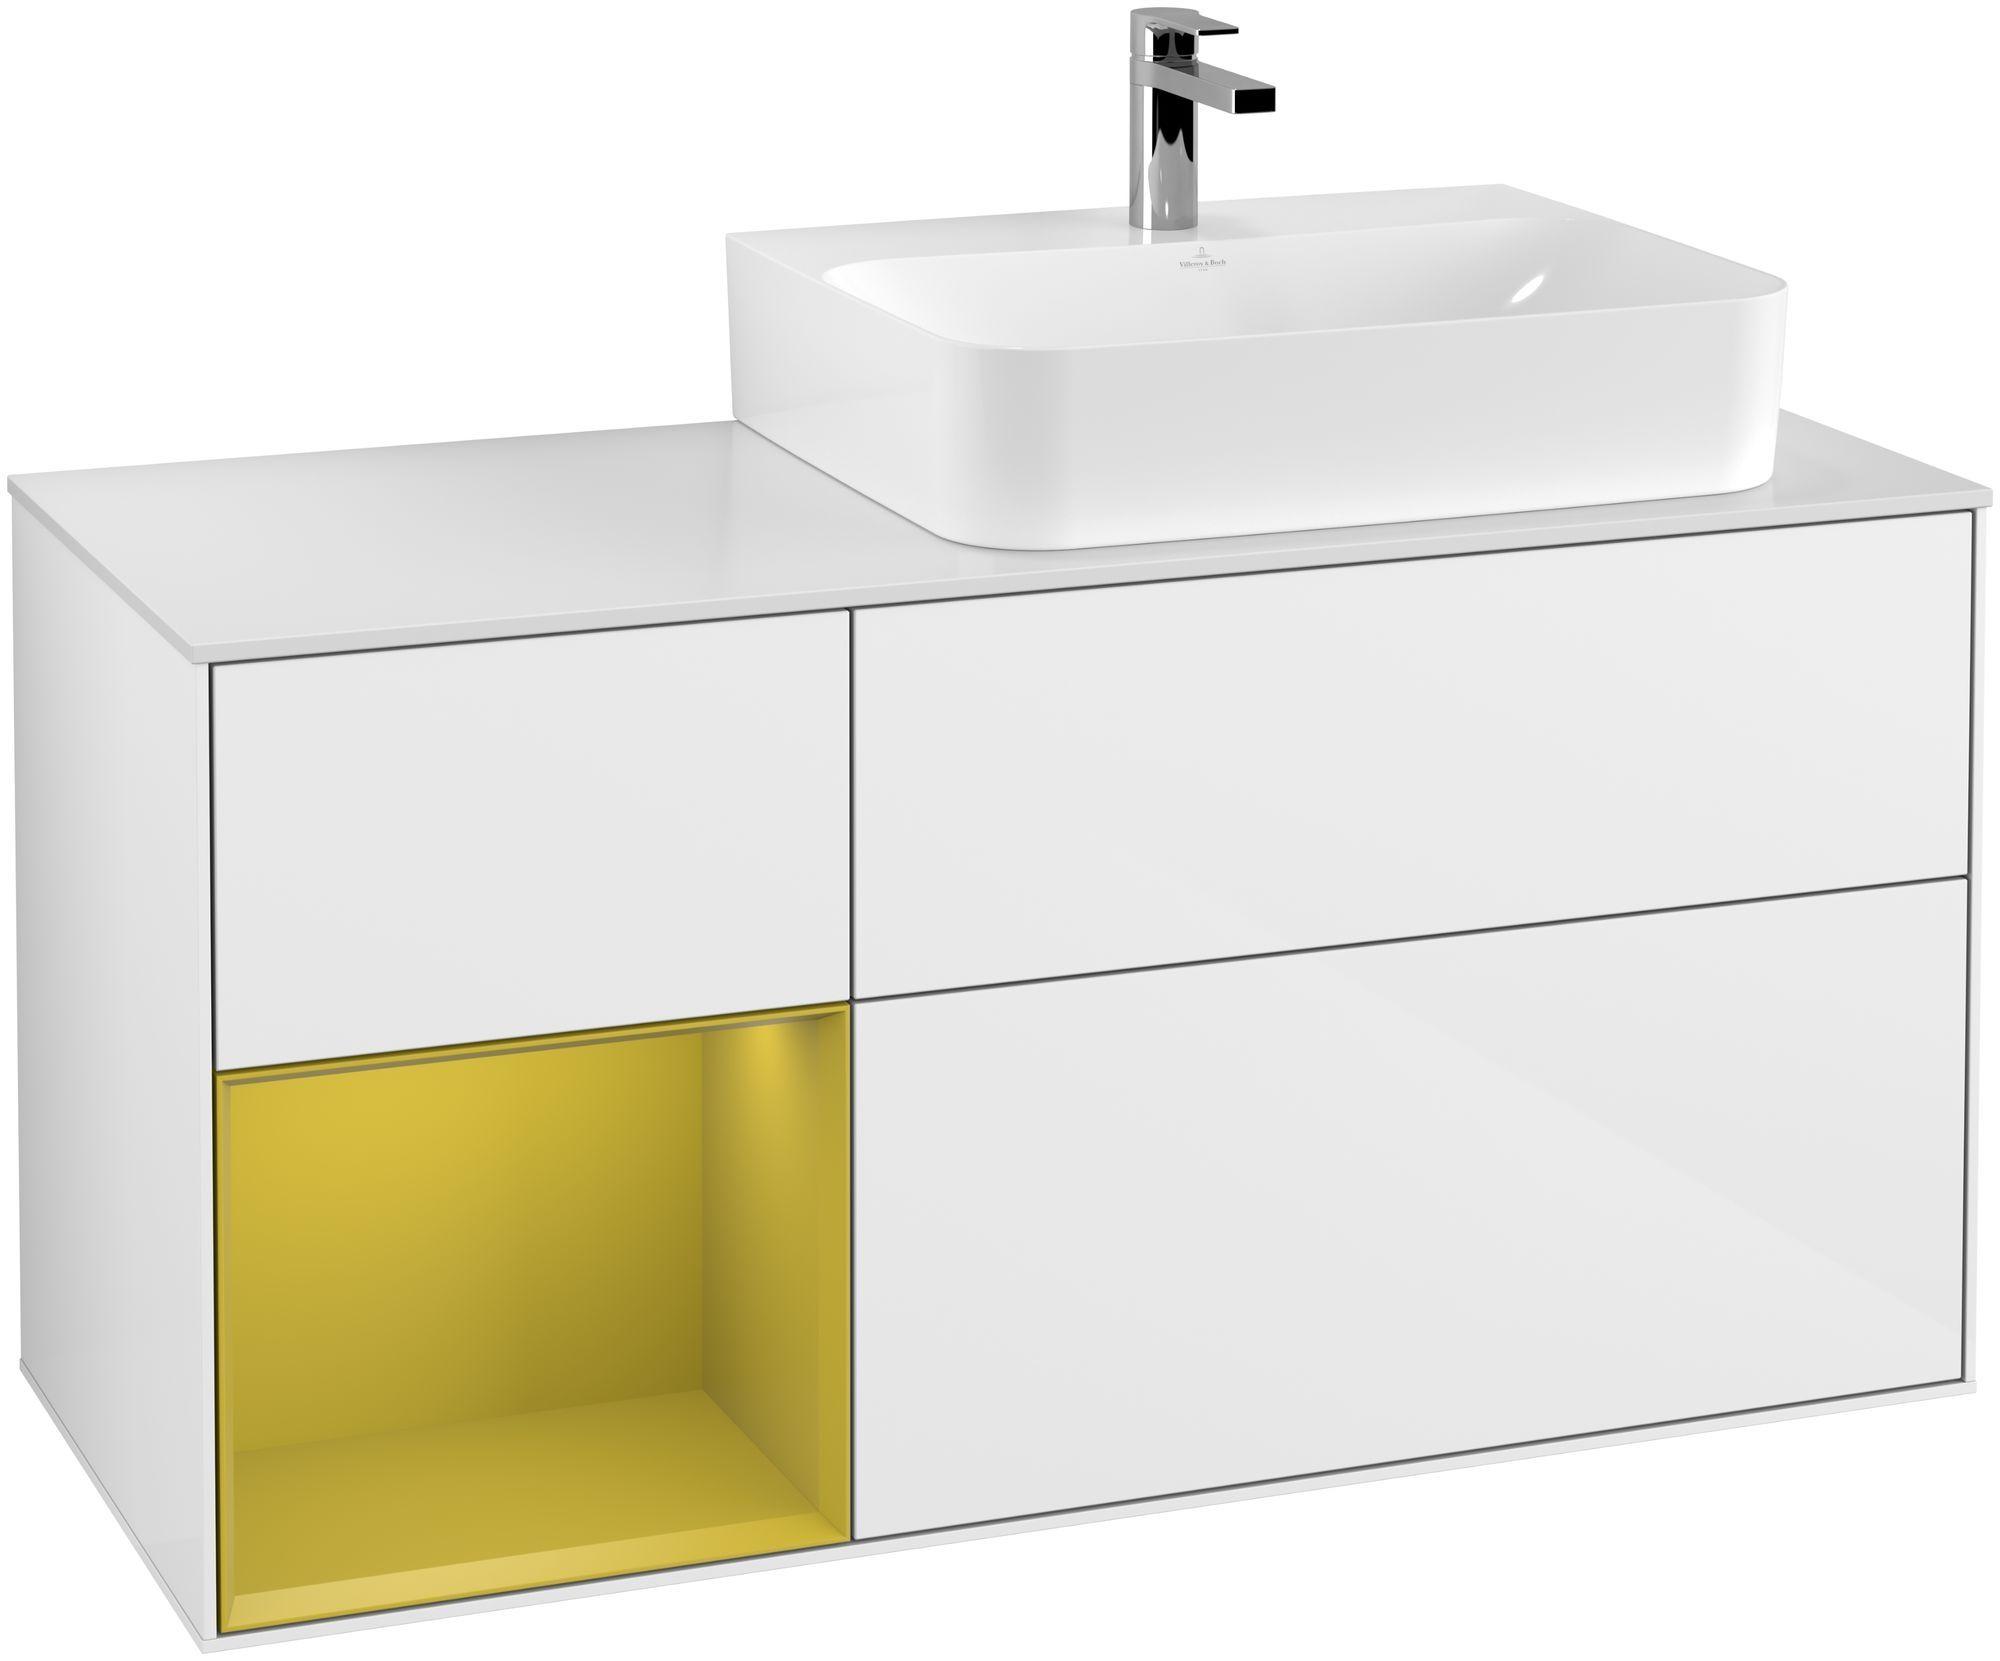 Villeroy & Boch Finion F14 Waschtischunterschrank mit Regalelement 3 Auszüge Waschtisch rechts LED-Beleuchtung B:120xH:60,3xT:50,1cm Front, Korpus: Glossy White Lack, Regal: Sun, Glasplatte: White Matt F141HEGF